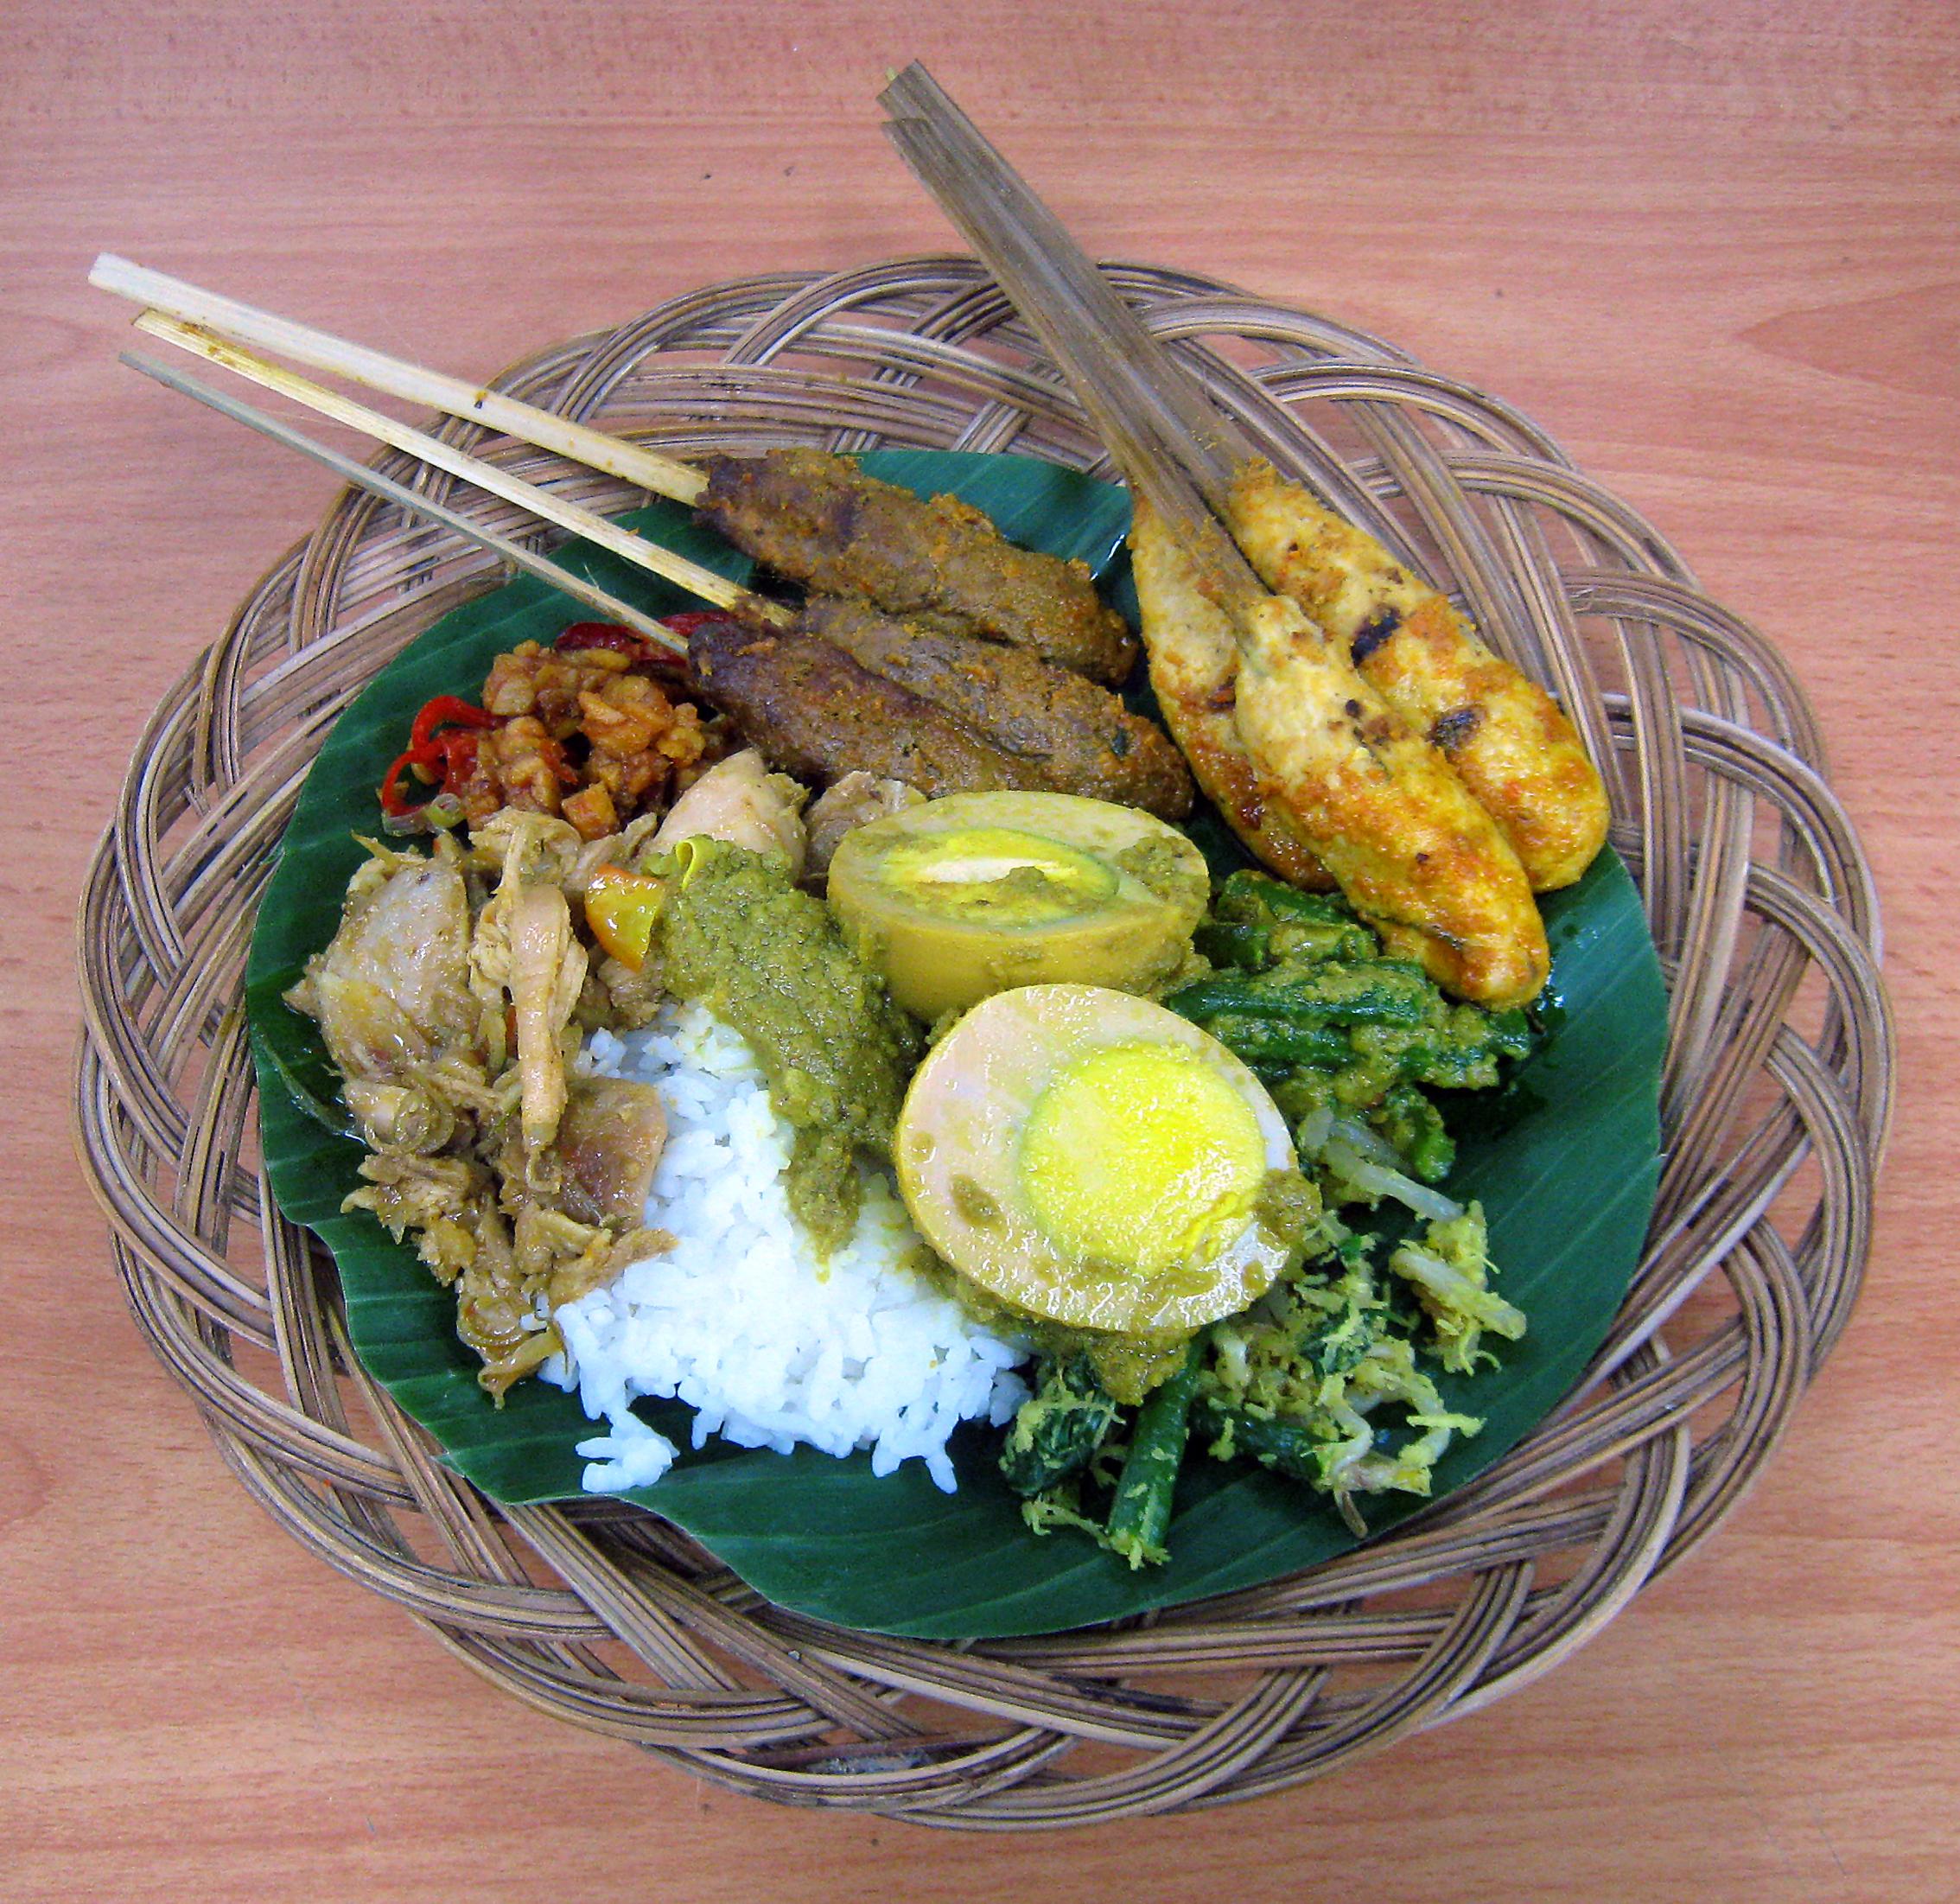 Food at Bali